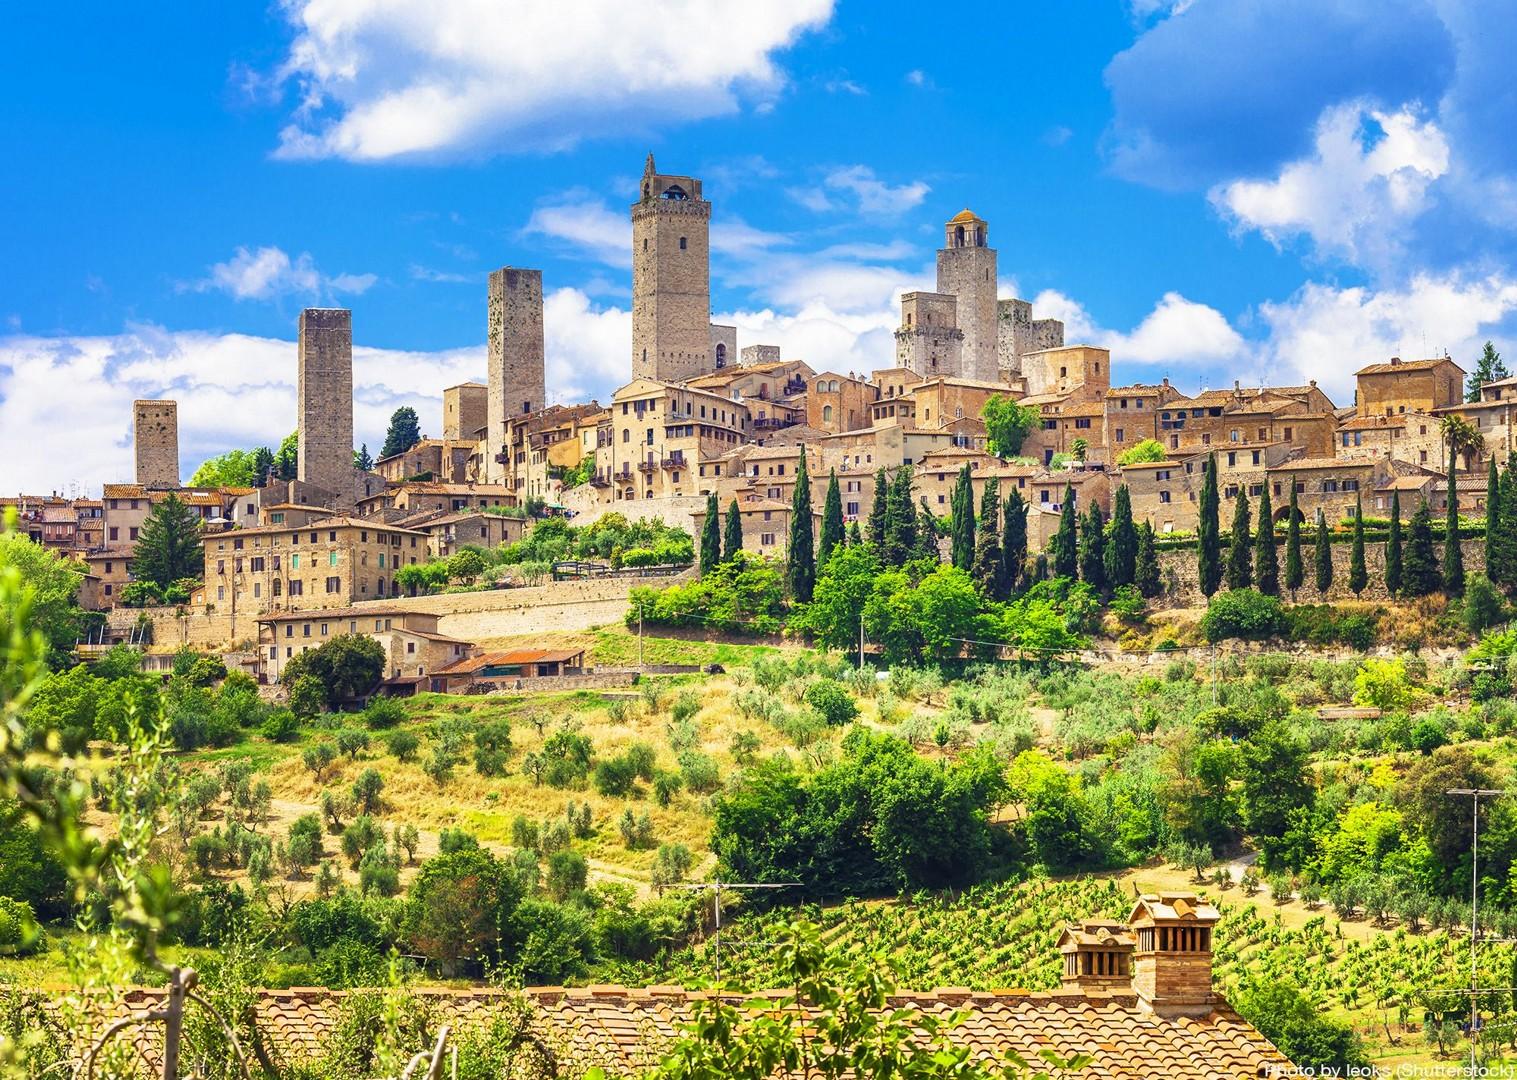 san-giminiano-italy-tuscany-leisure-cycling-culture.jpg - Italy - Tuscany Tourer - Road Cycling